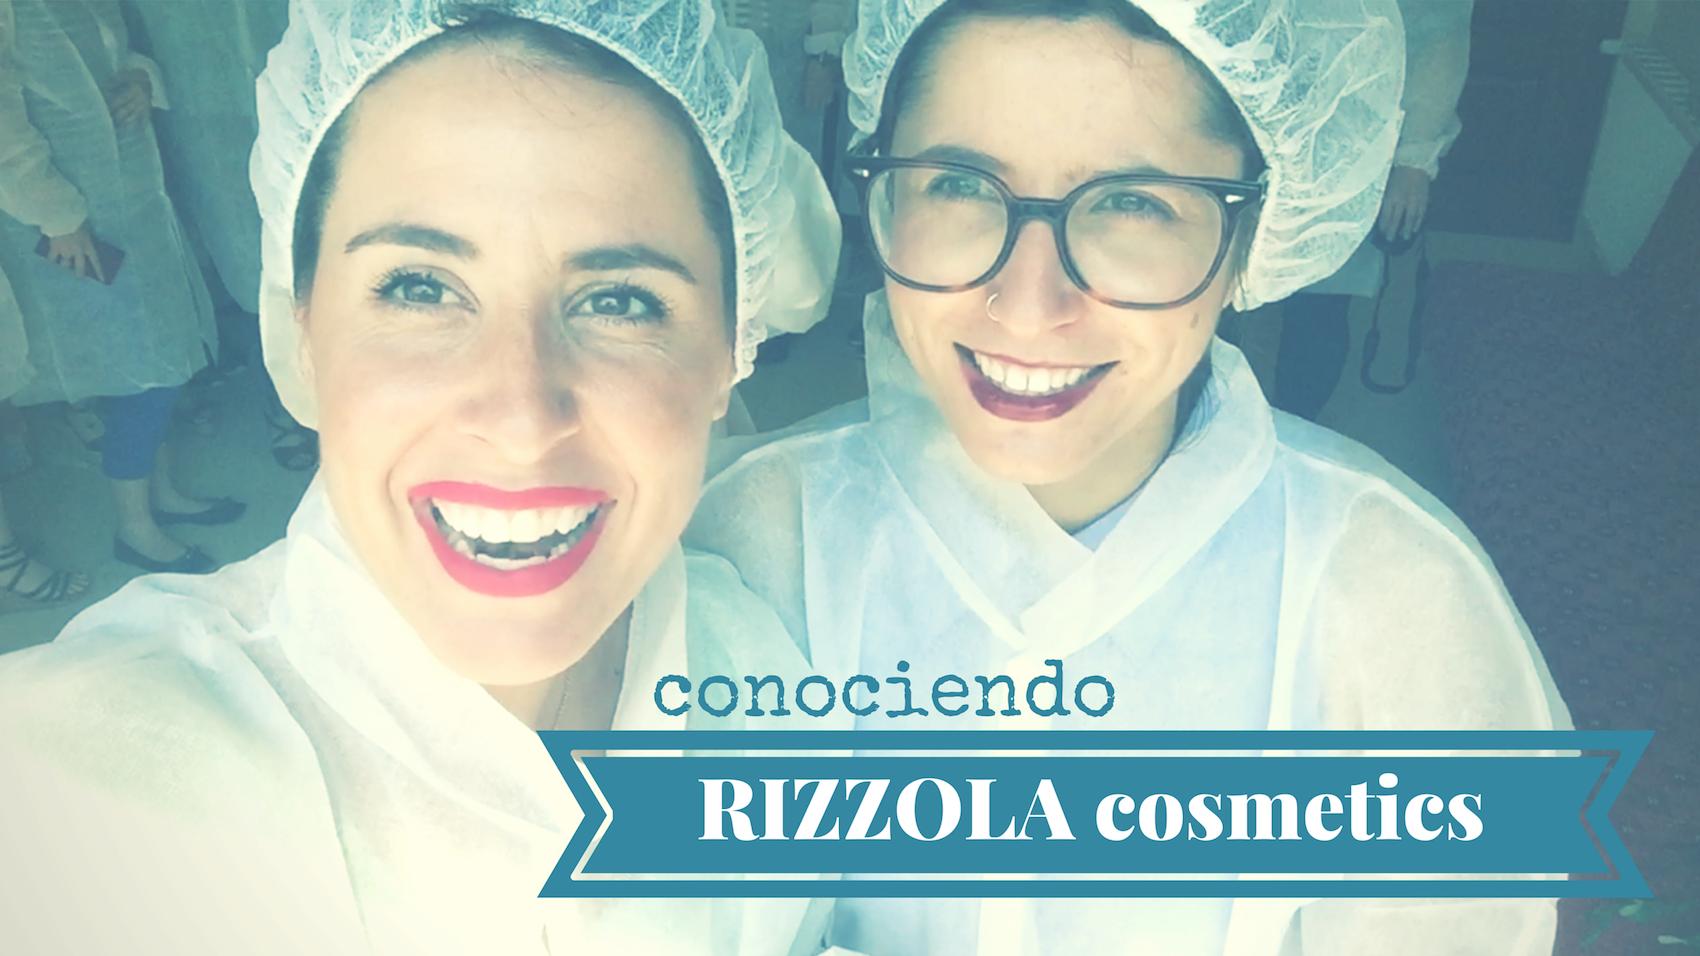 conociendo Rizzola Cosmetics-55272-descalzaporelparque